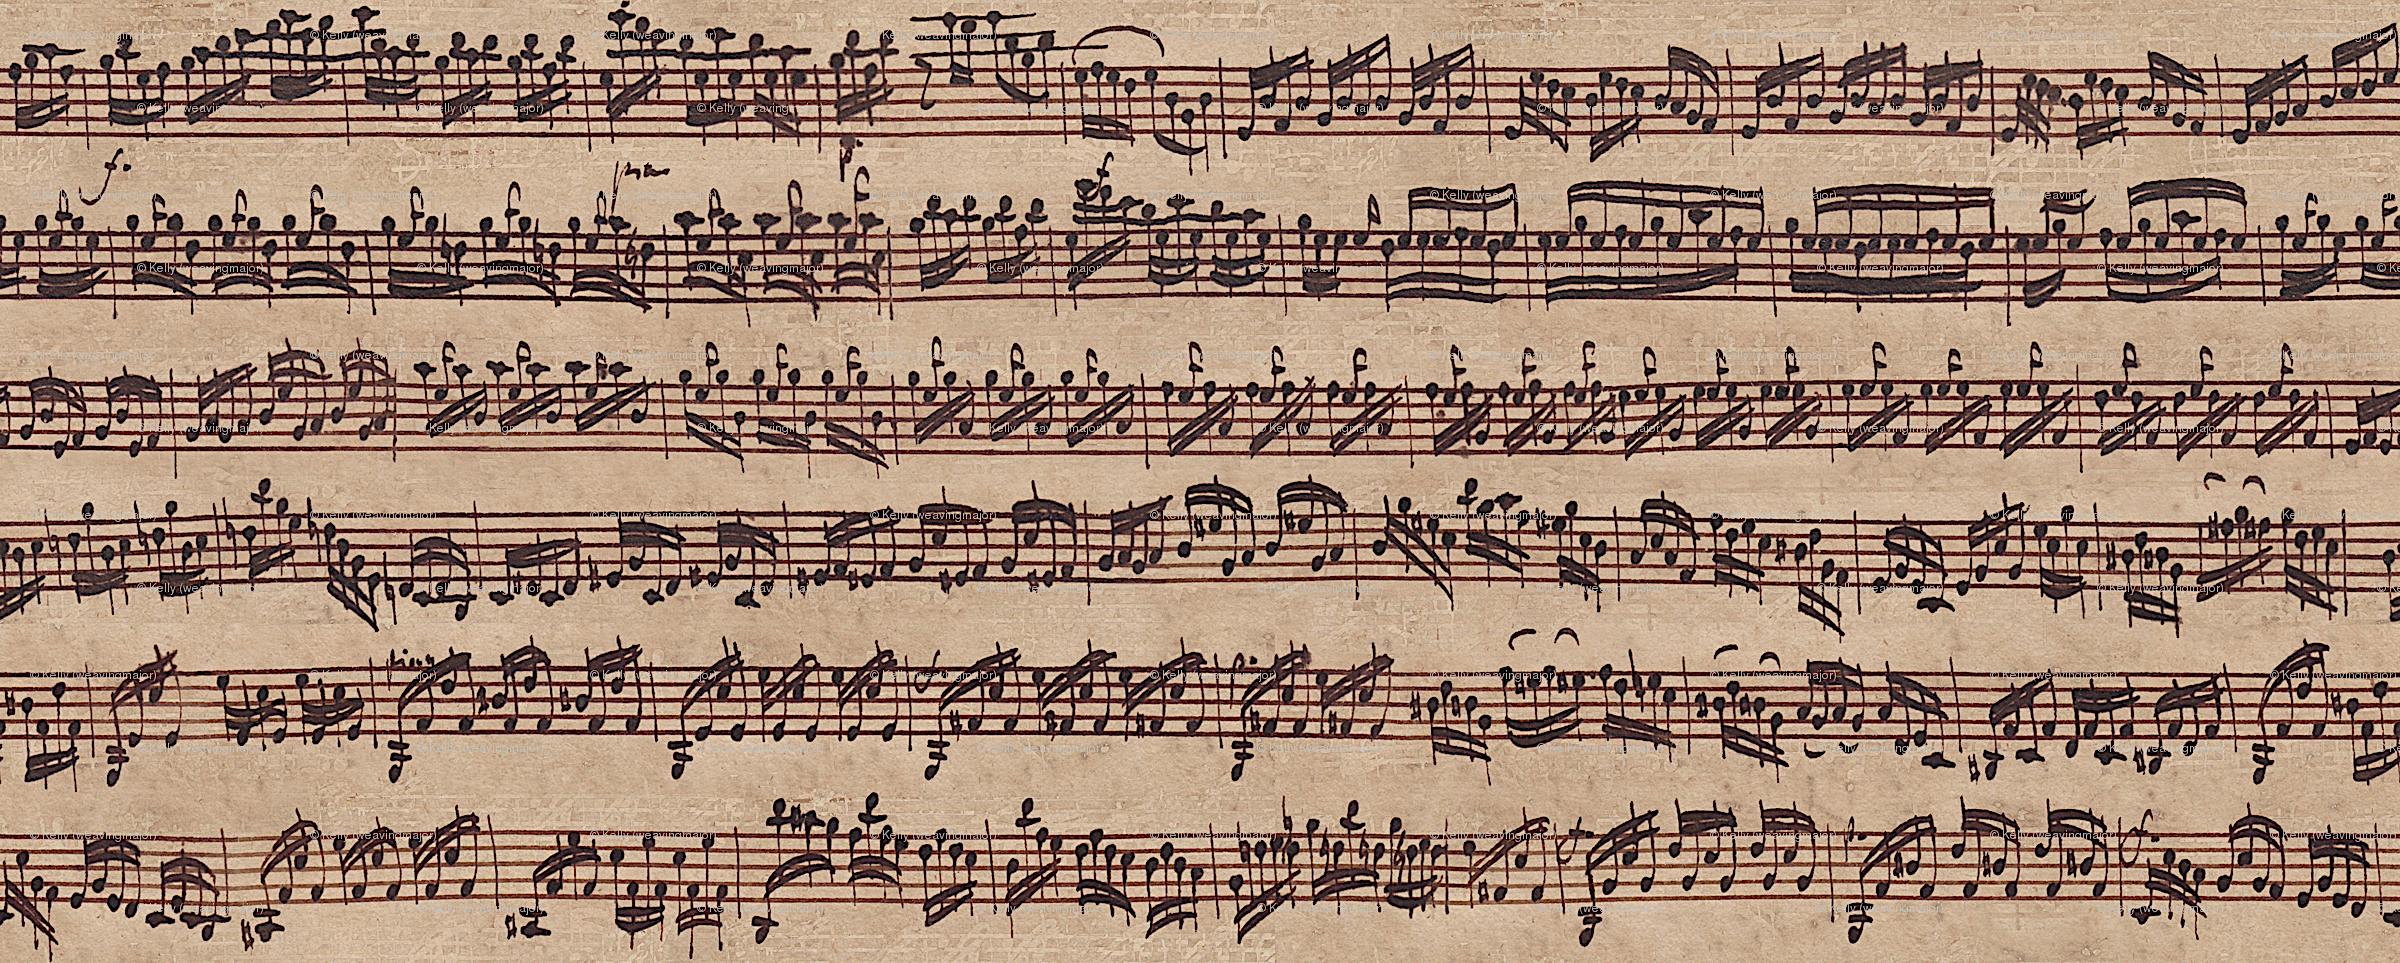 Bach Handwritten